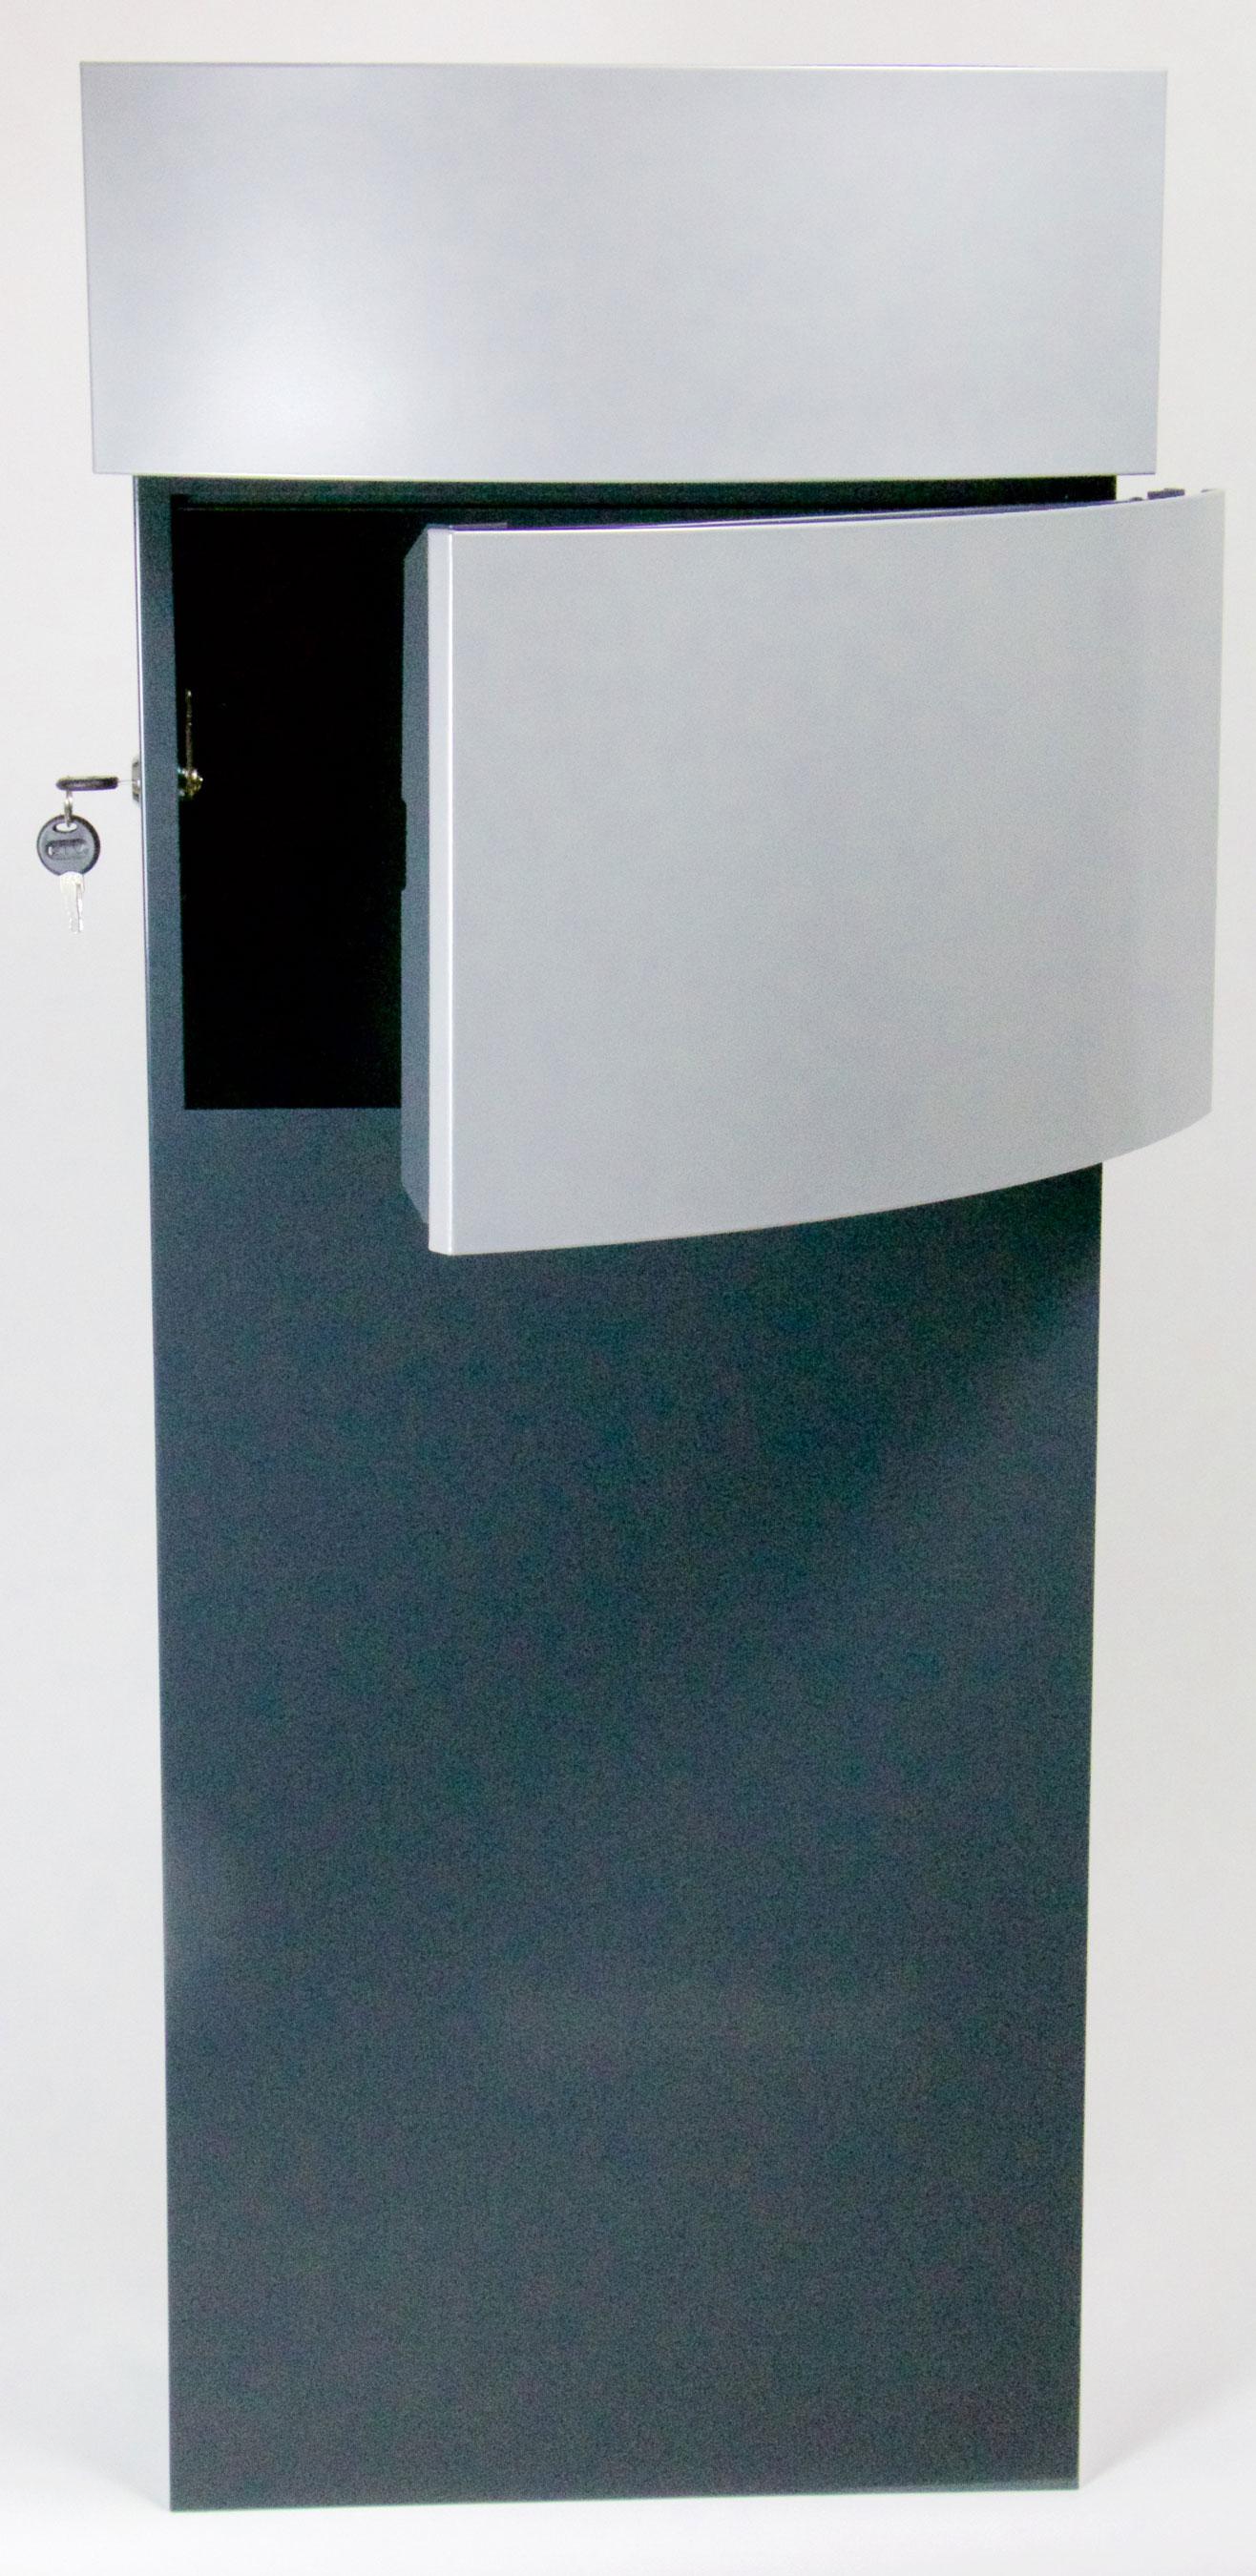 Briefkasten / Postkasten ScanPro 12-9 anthrazitgrau/silbergrau Bild 2